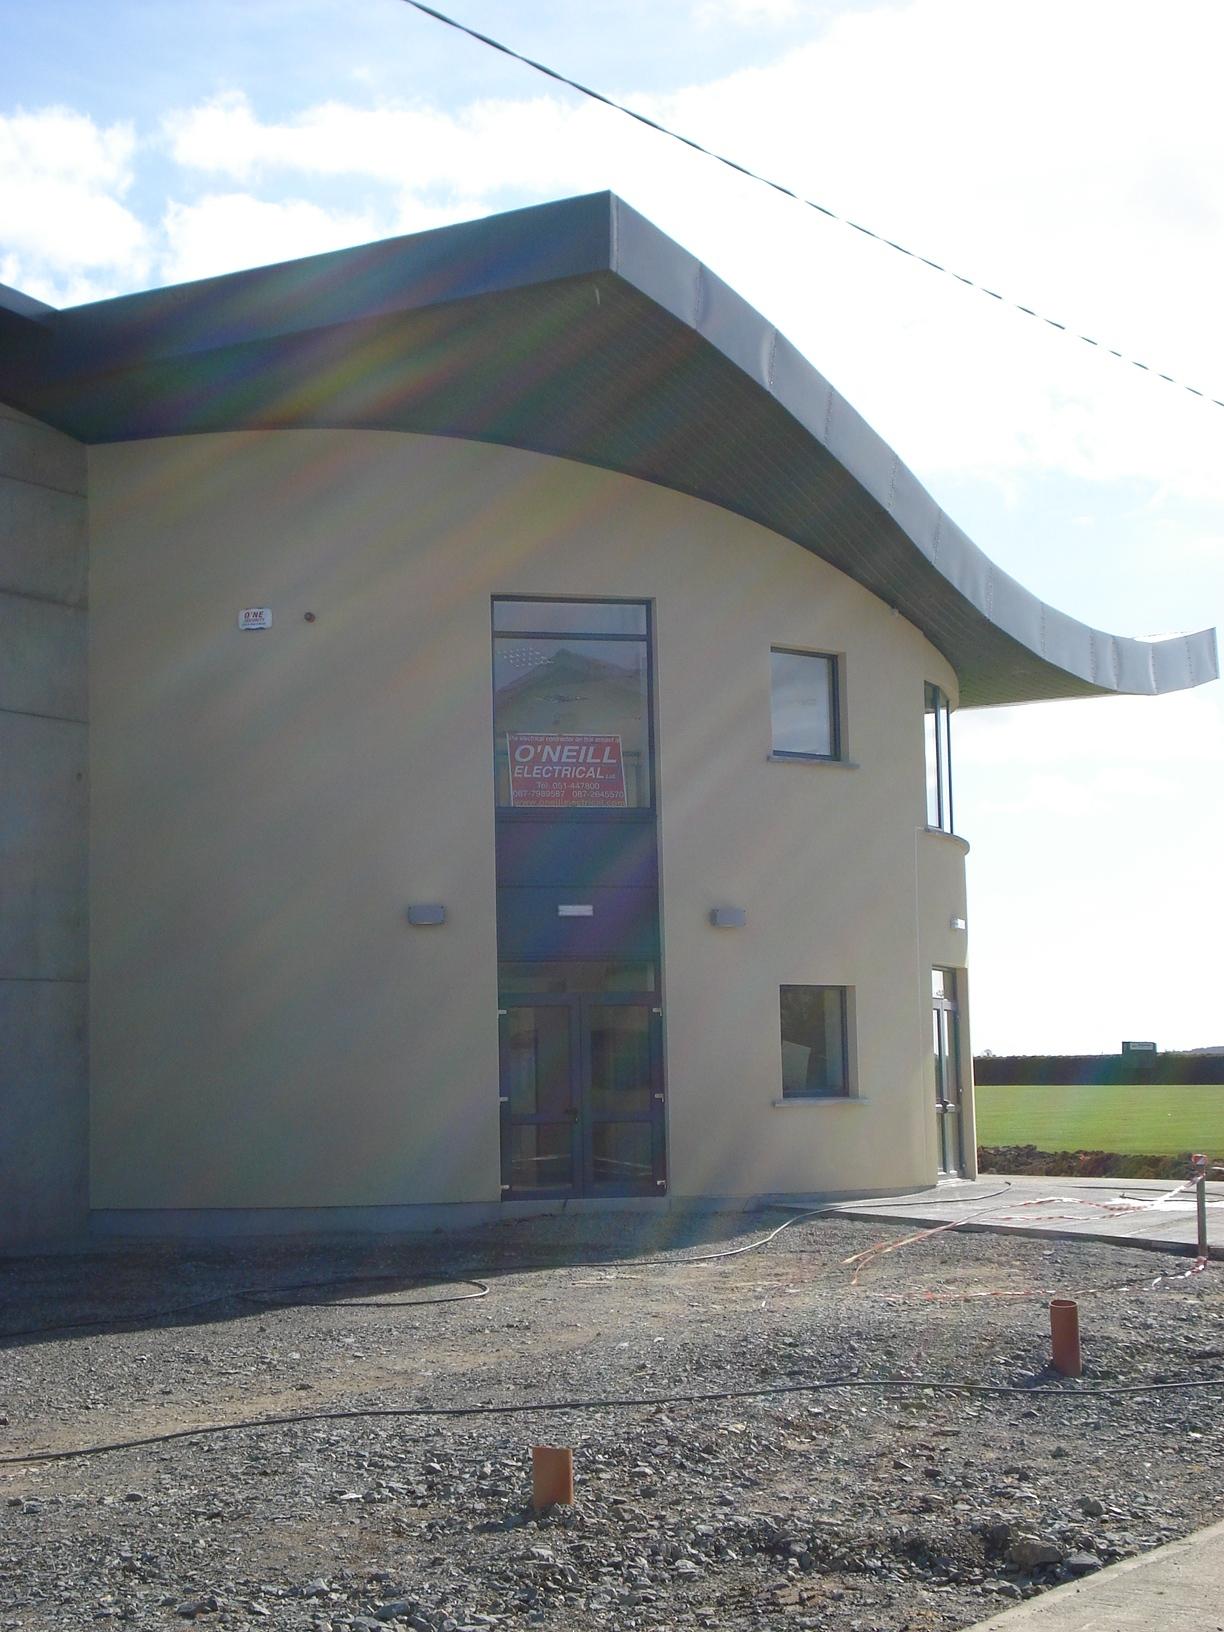 Rathnure GAA Club